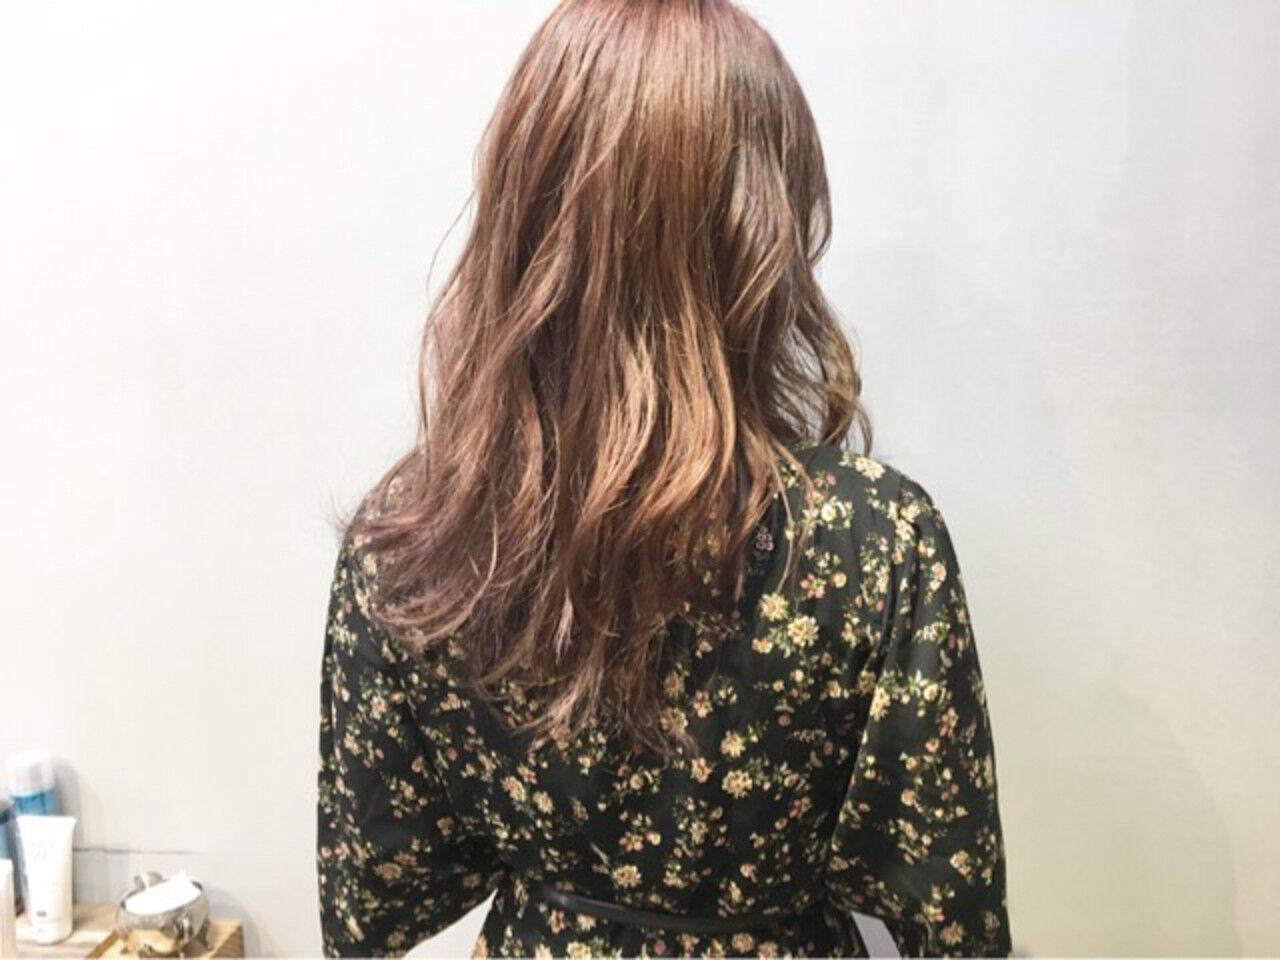 ピンクアッシュ ピンクブラウン ラベンダーピンク セミロングヘアスタイルや髪型の写真・画像